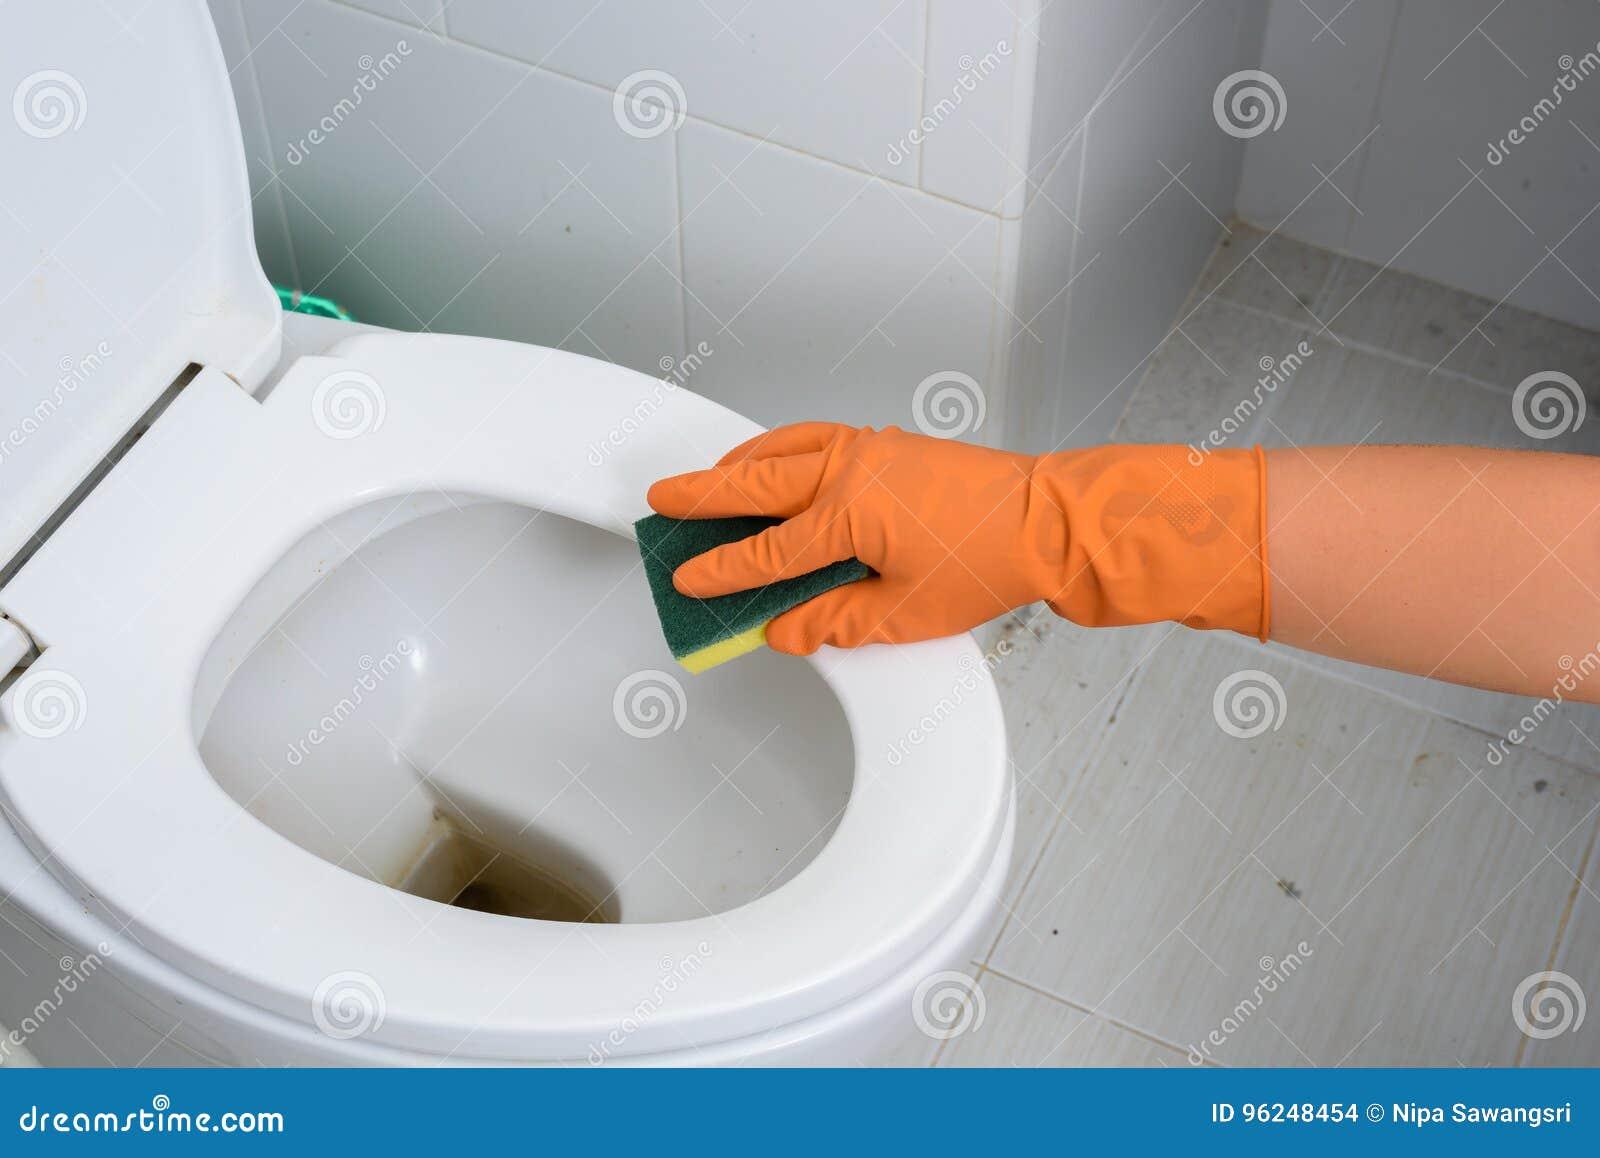 Hände in den orange Handschuhen, die WC, Toilette, Toilette säubern